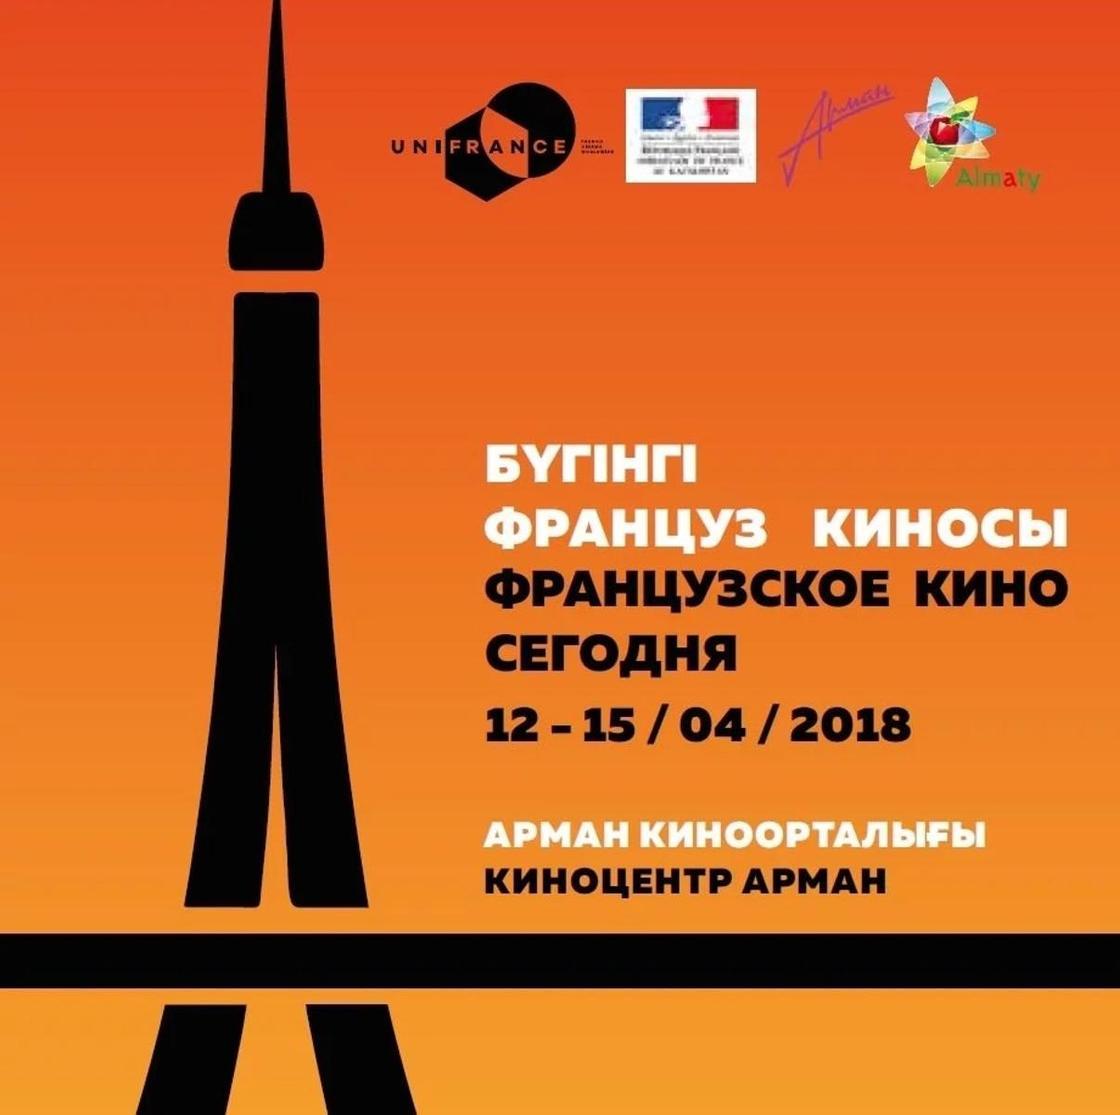 IХ кинофестиваль «Французское кино сегодня» пройдет в Алматы